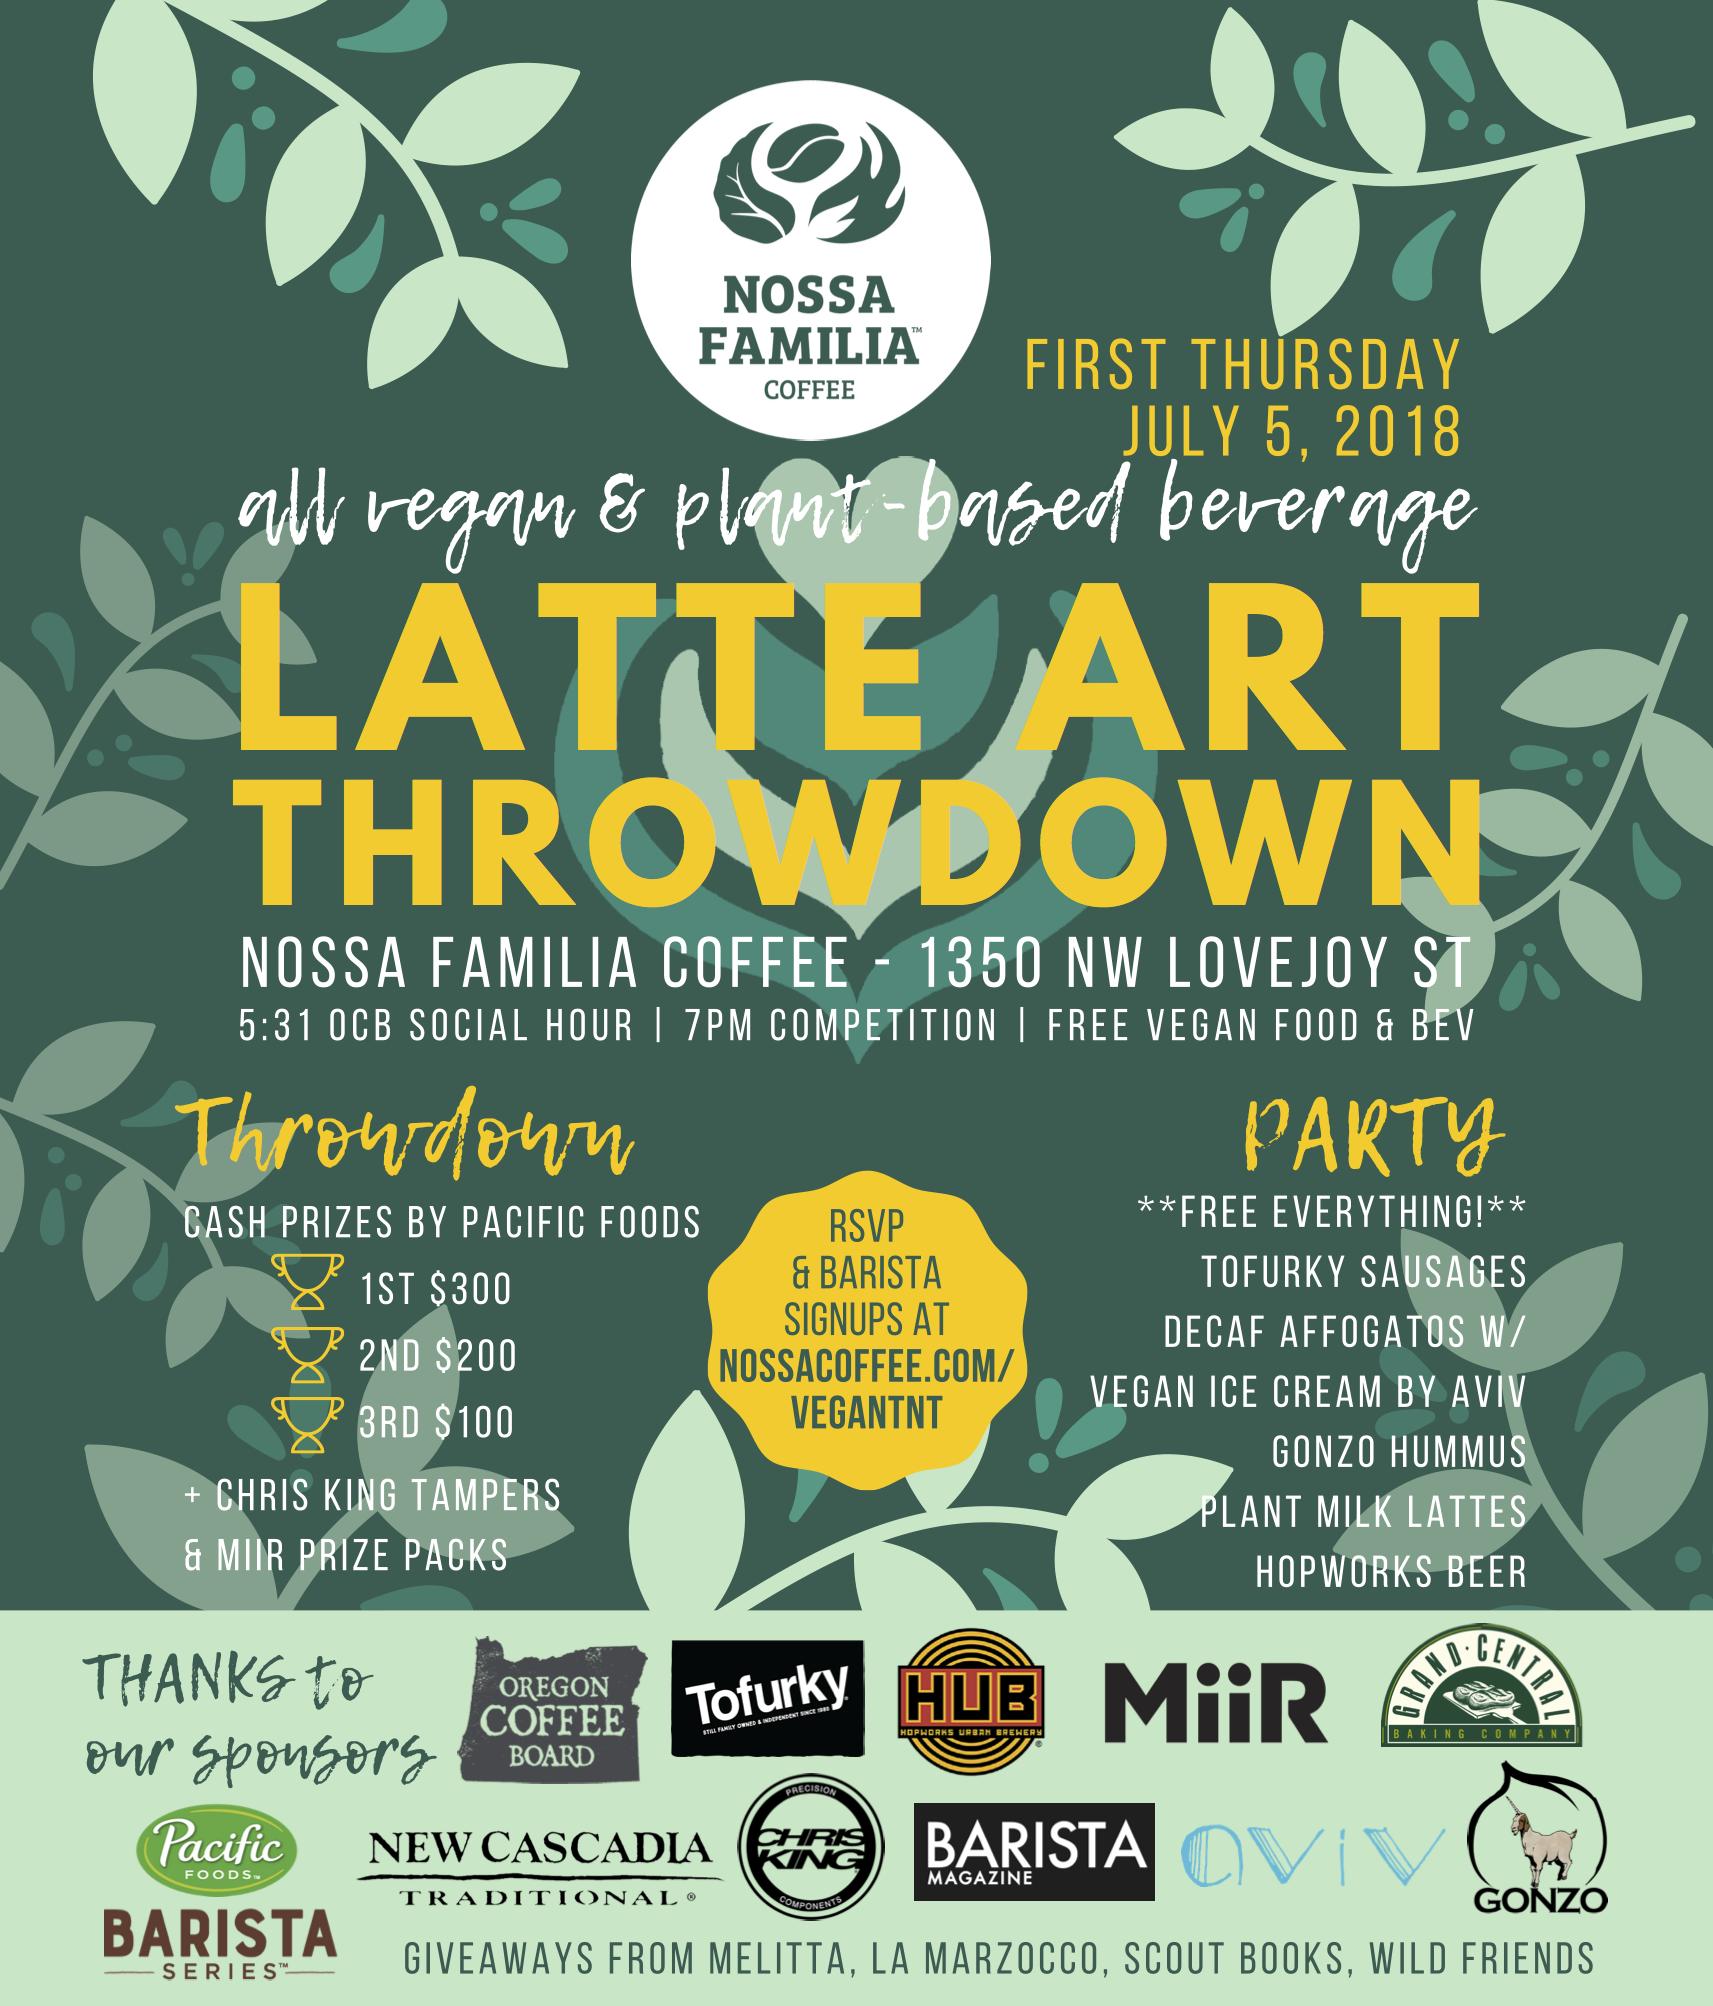 vegan-plant-based-beverage-nondairy-latte-art-throwdown-nossa-familia